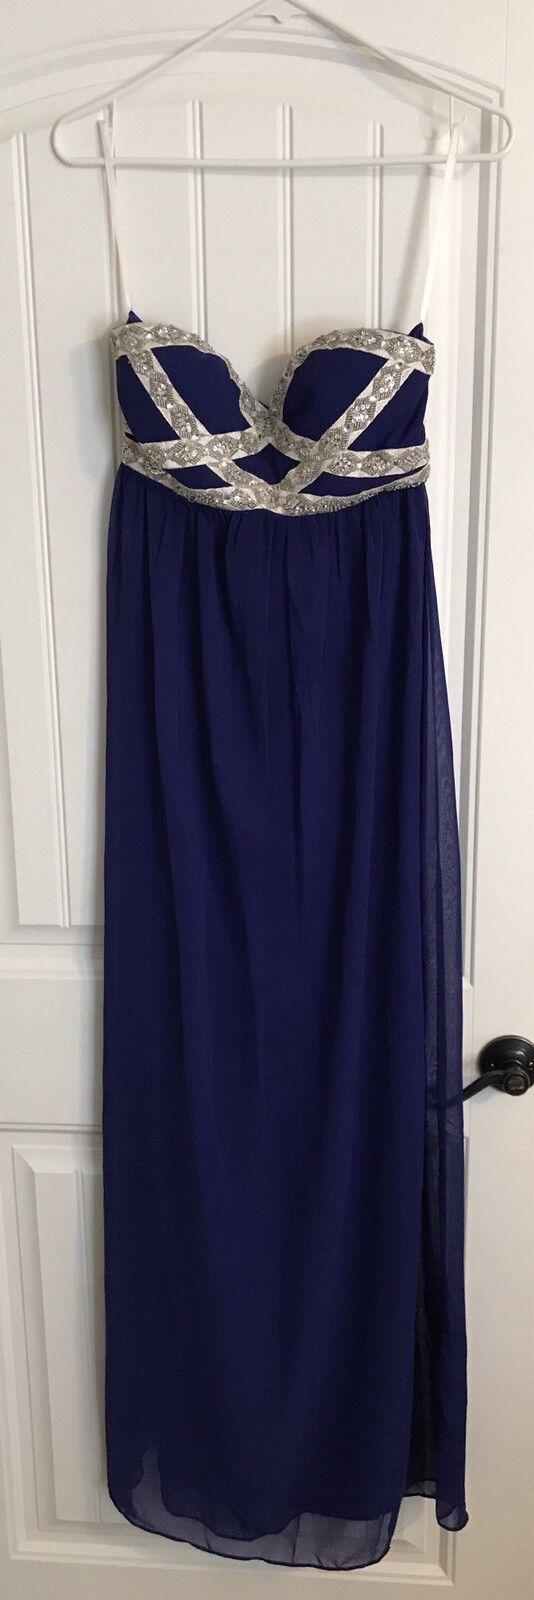 Para Mujer Vestido Formal  Azul Real  grandes ofertas